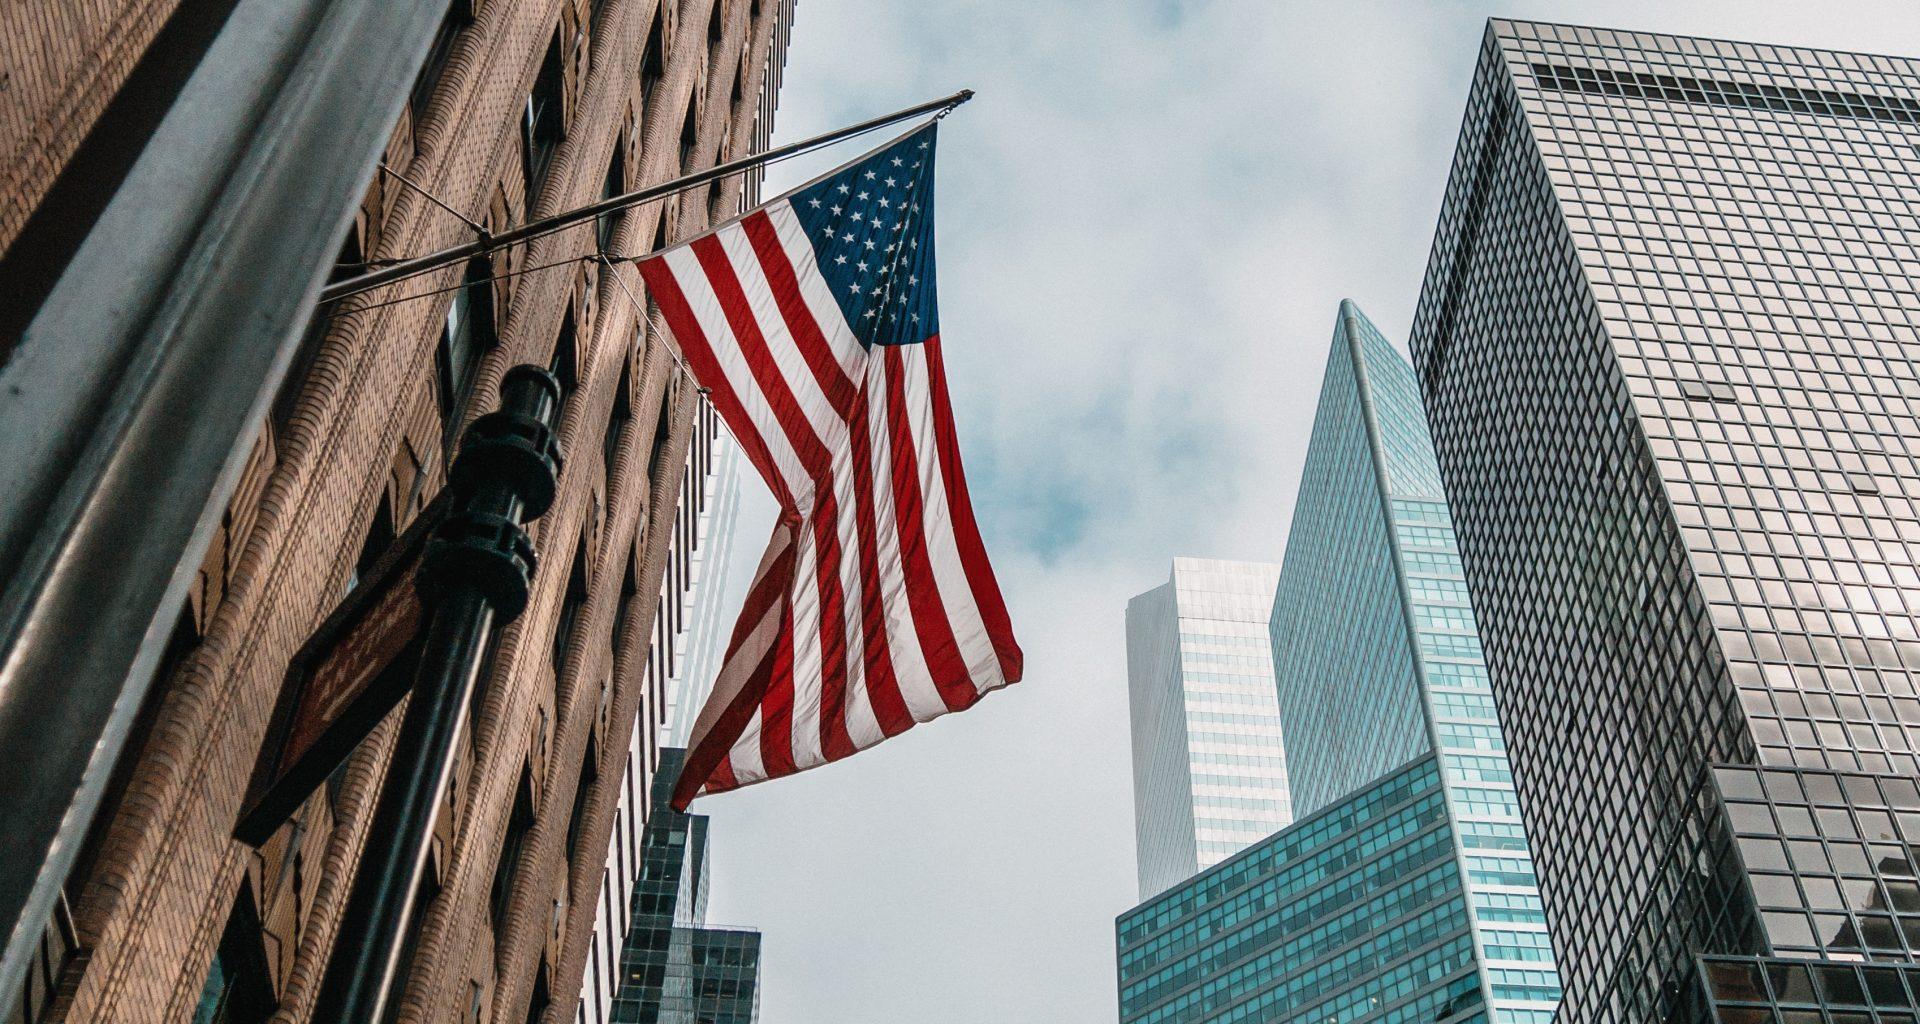 Работа с иностранными заказчиками: сколько платят, что требуют и как быть с языком